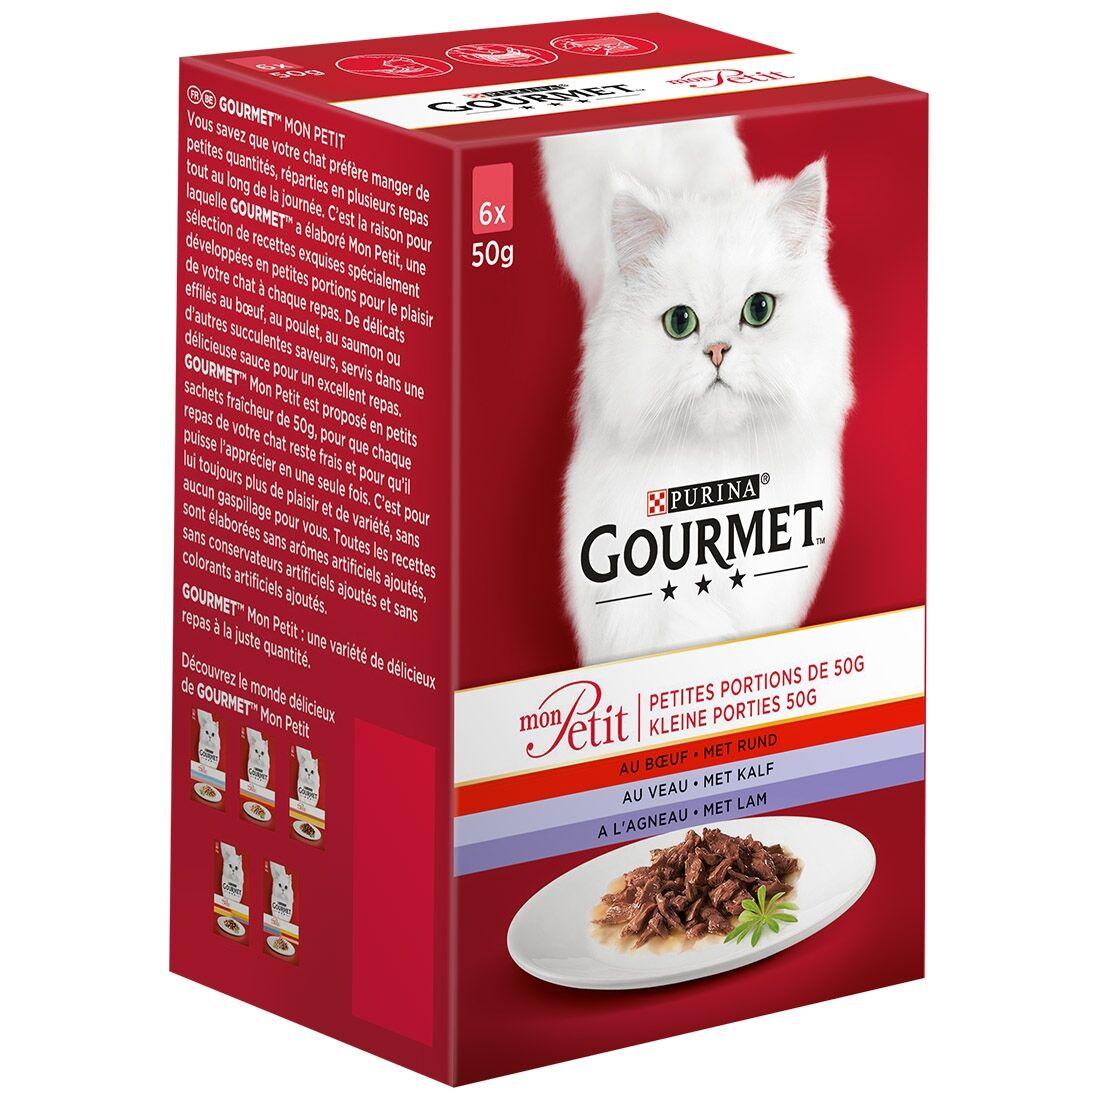 Gourmet Sachets repas Gourmet Mon Petit Viandes Contenance : 6 sachets de 50 g